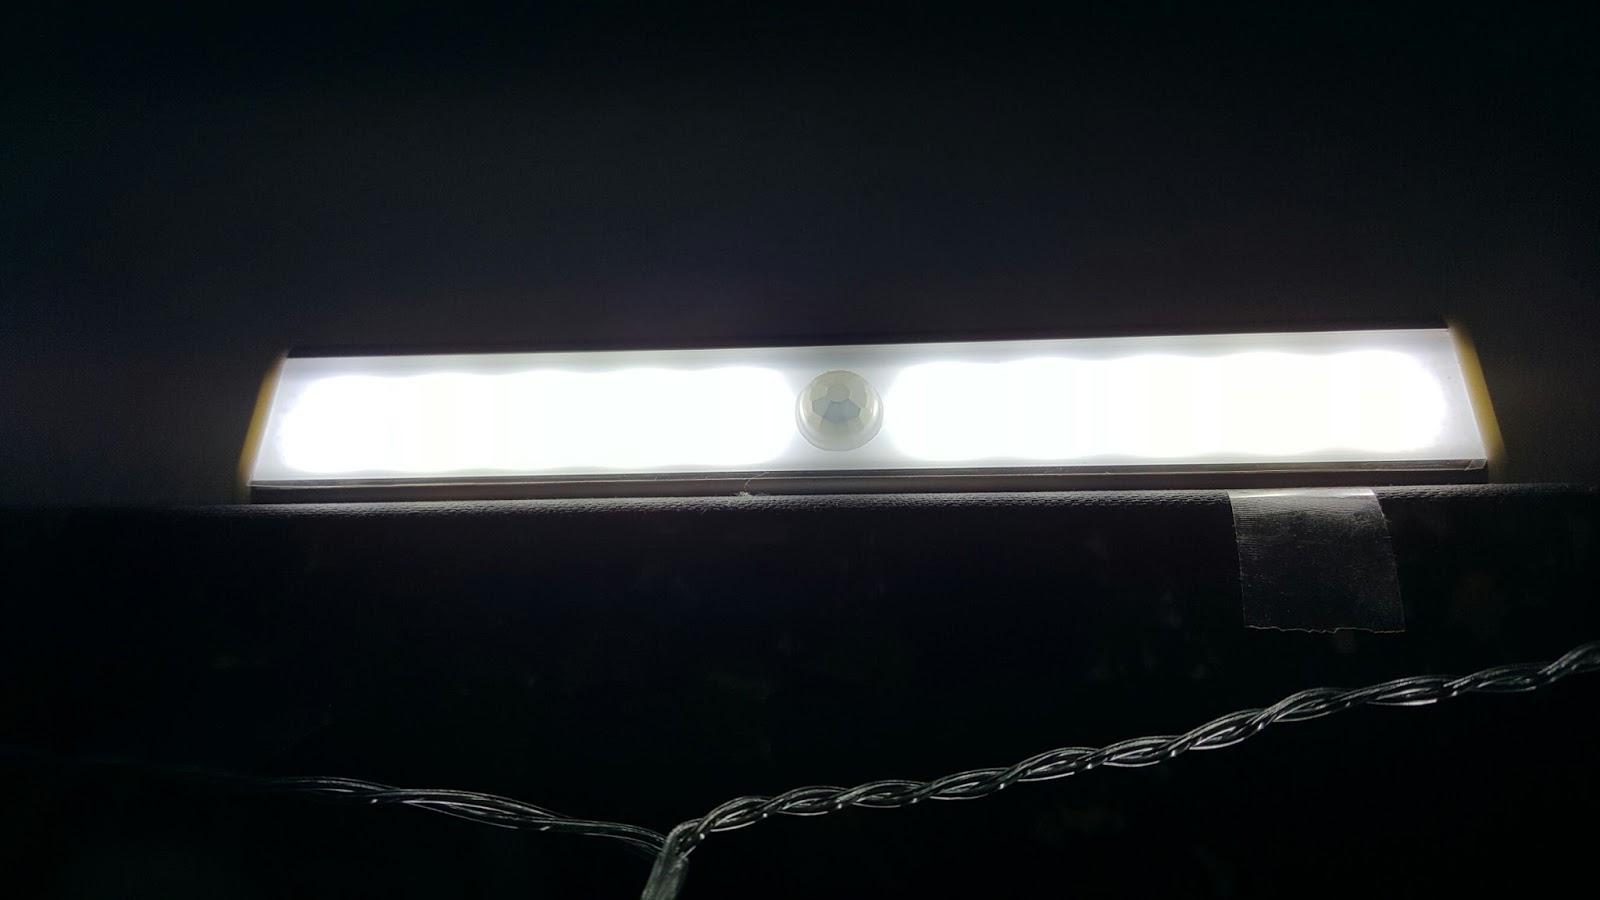 lahr2006 testet morecoo schranklicht mit bewegungsmelder led nachtlicht mit usb ladenkabel als. Black Bedroom Furniture Sets. Home Design Ideas